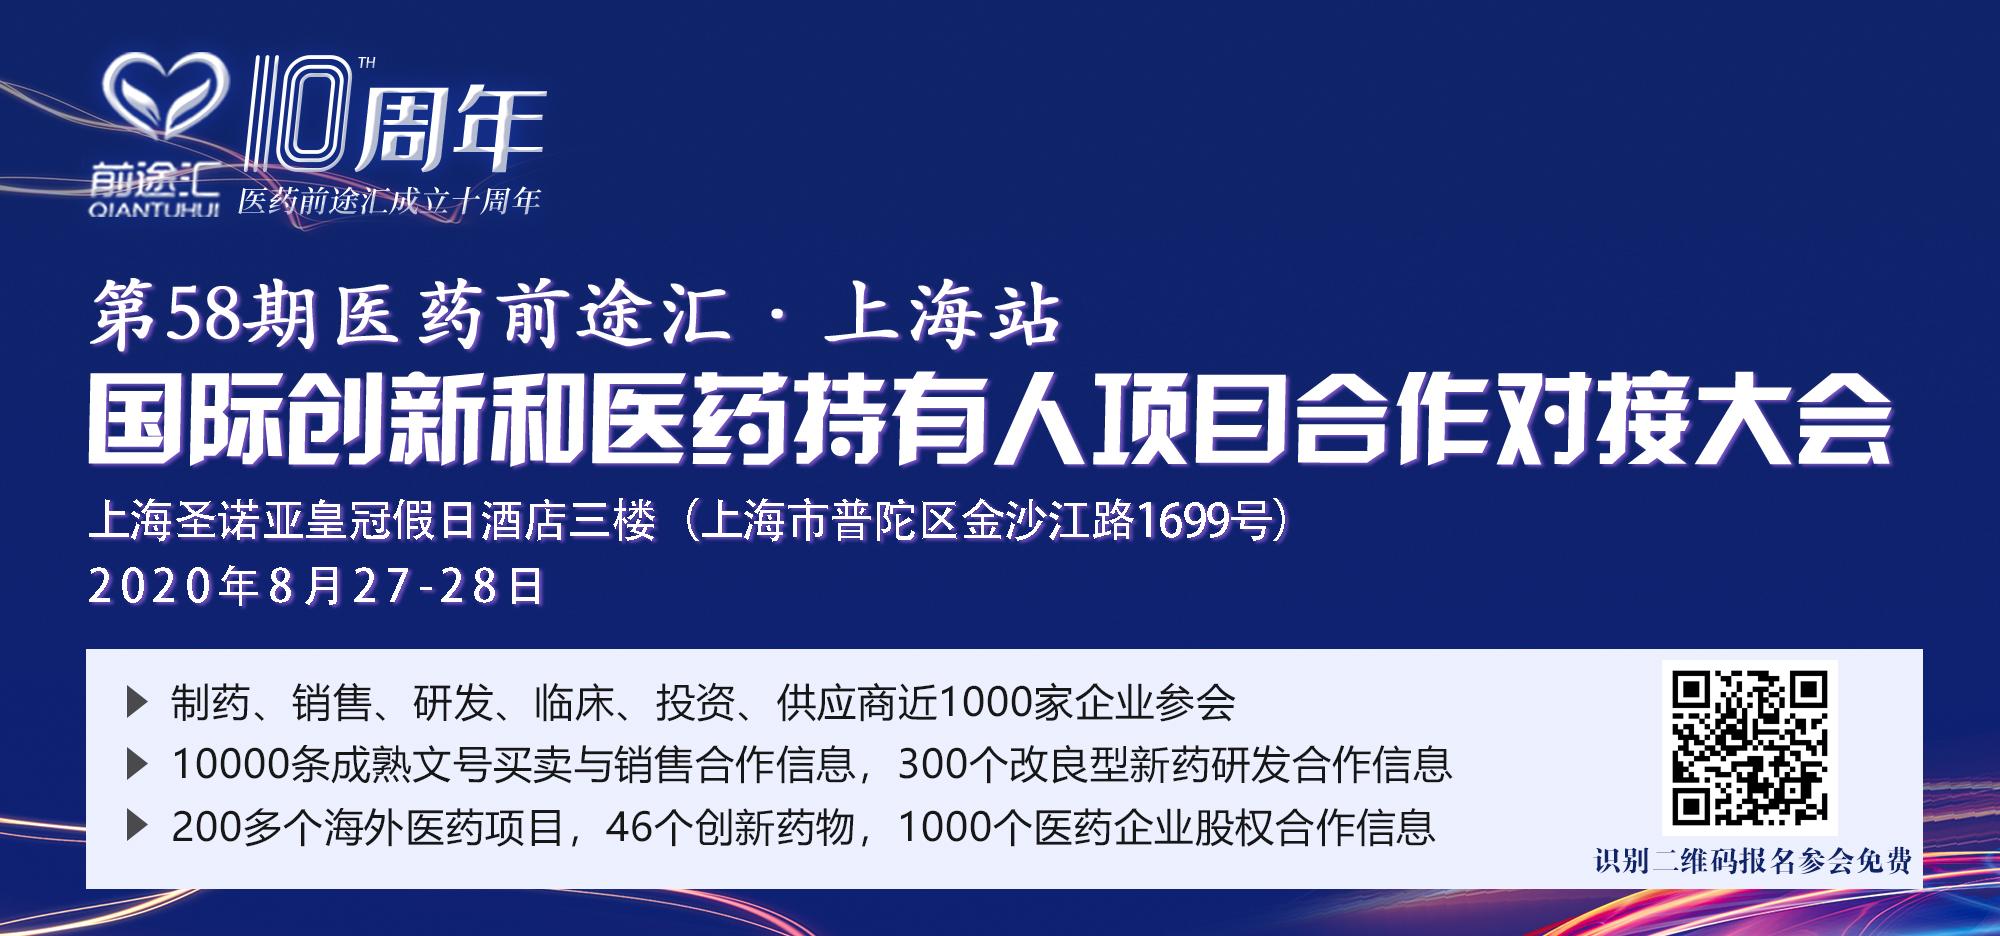 【邀请函】前途汇国际医药创新和持有人交易对接大会将于8月在上海召开